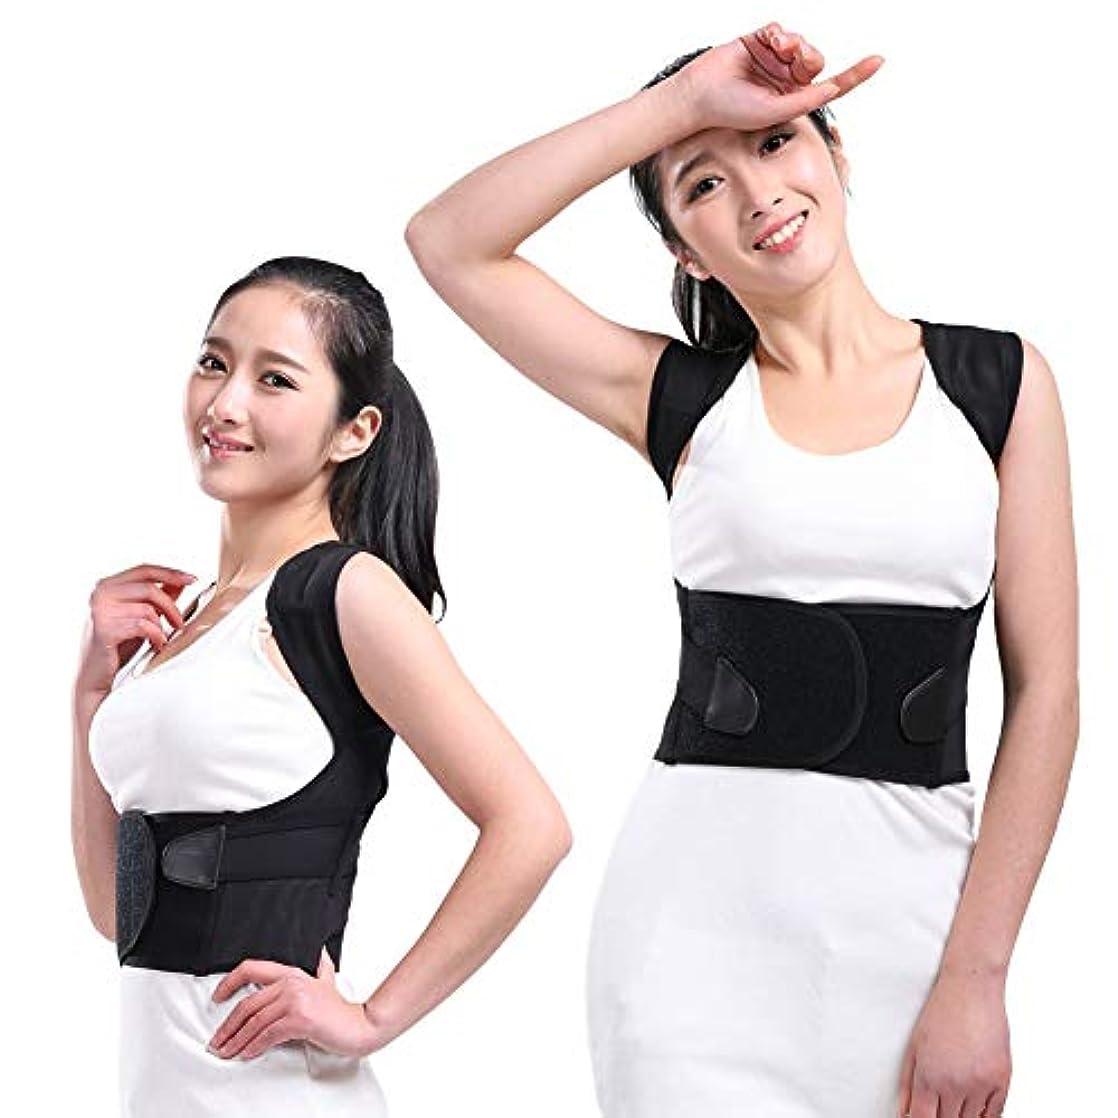 エクステンドショルダーバック - 姿勢矯正器 - 誤った姿勢を改善します - 腰痛と背中上部の痛みを軽減します